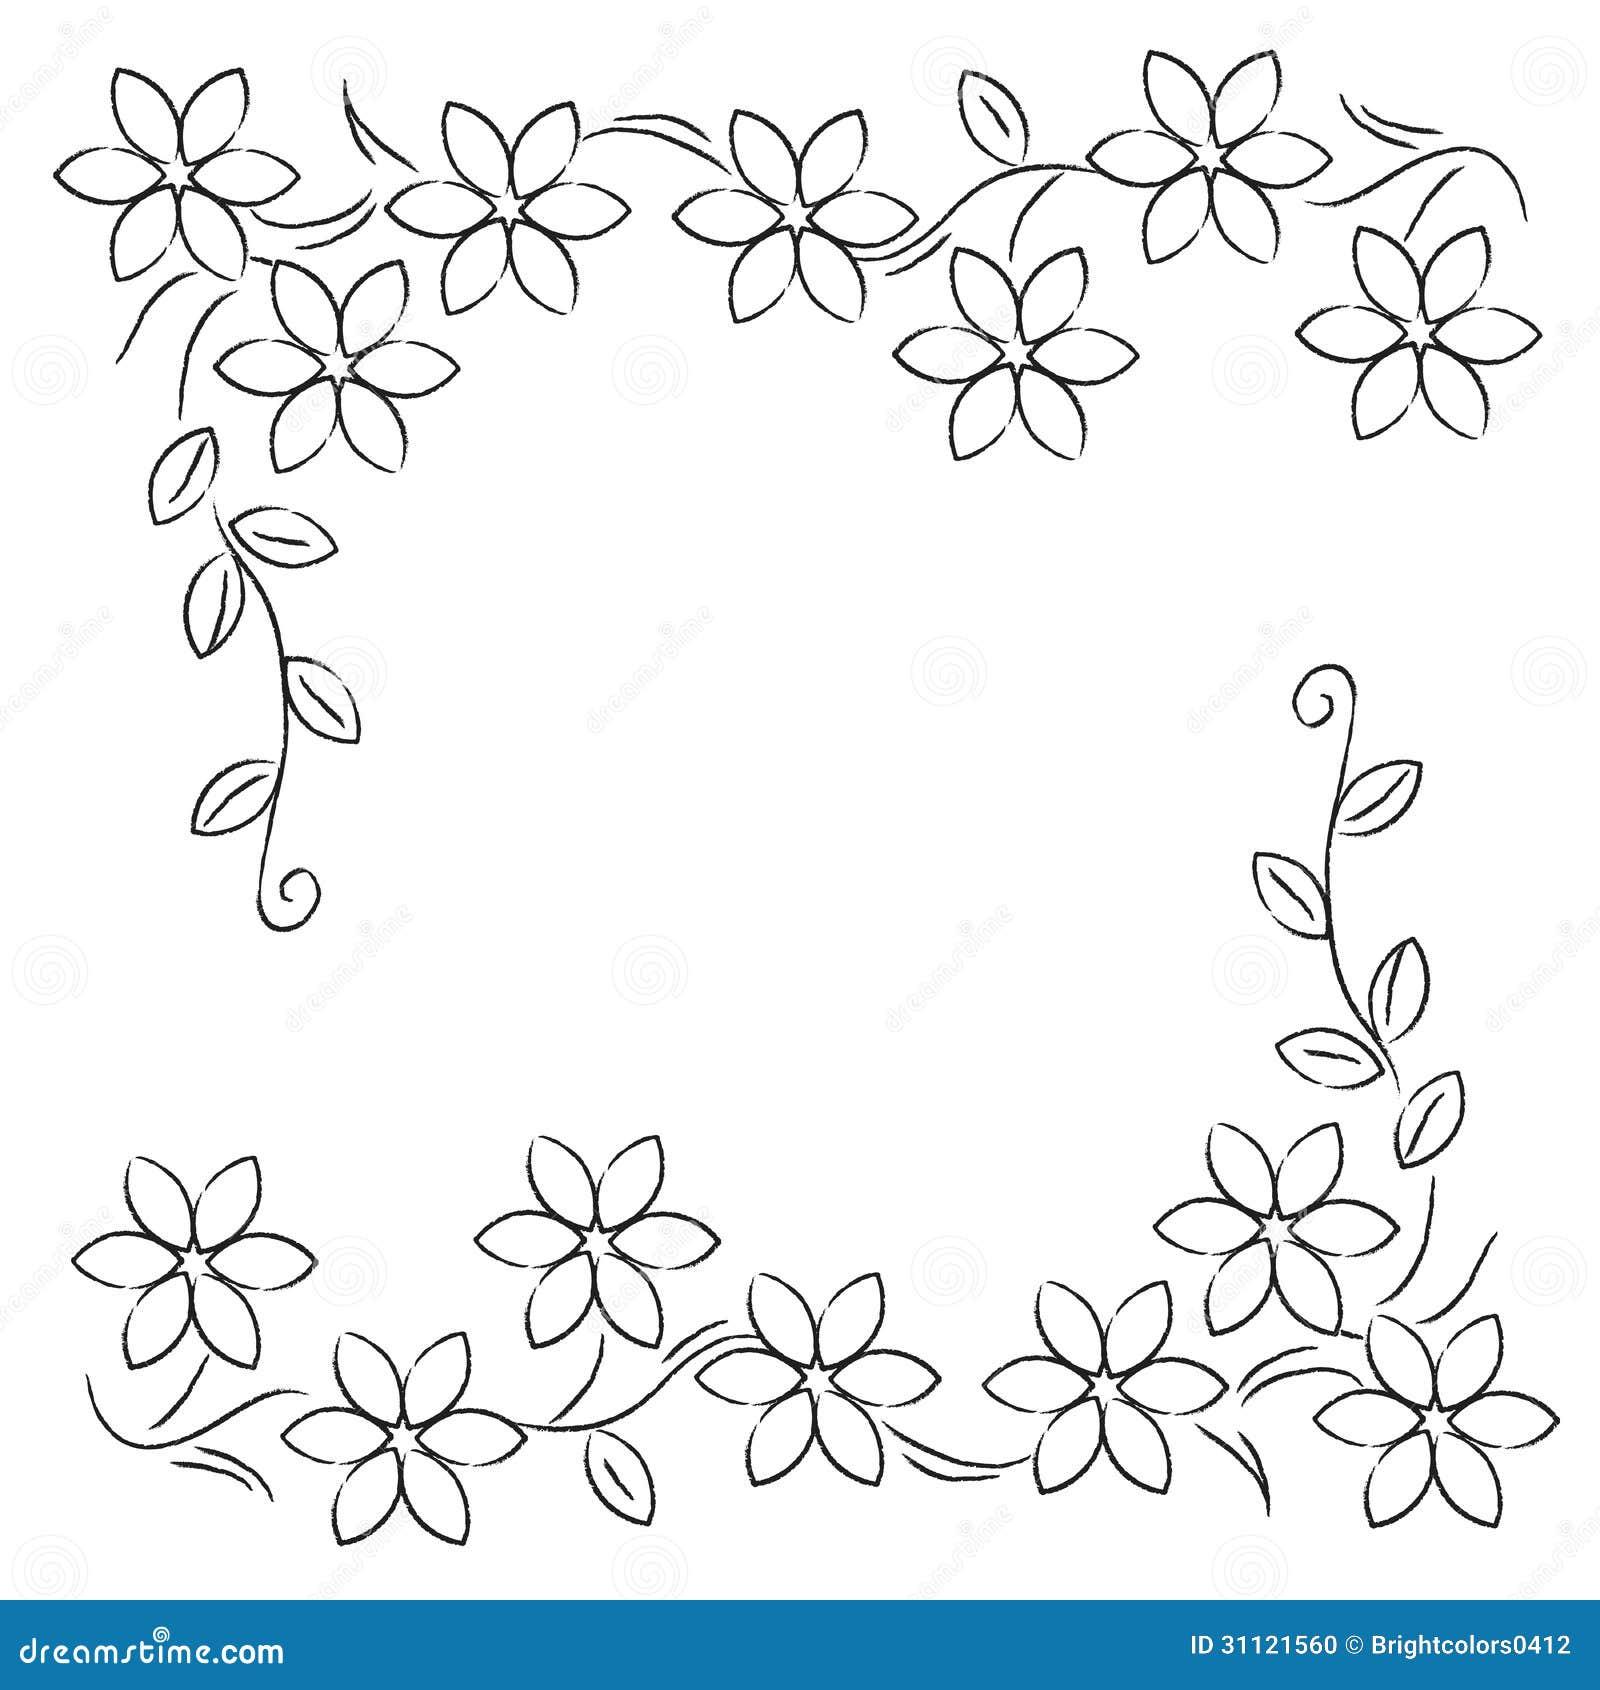 Flower Line Border Black White Stock Photo - Image: 31121560